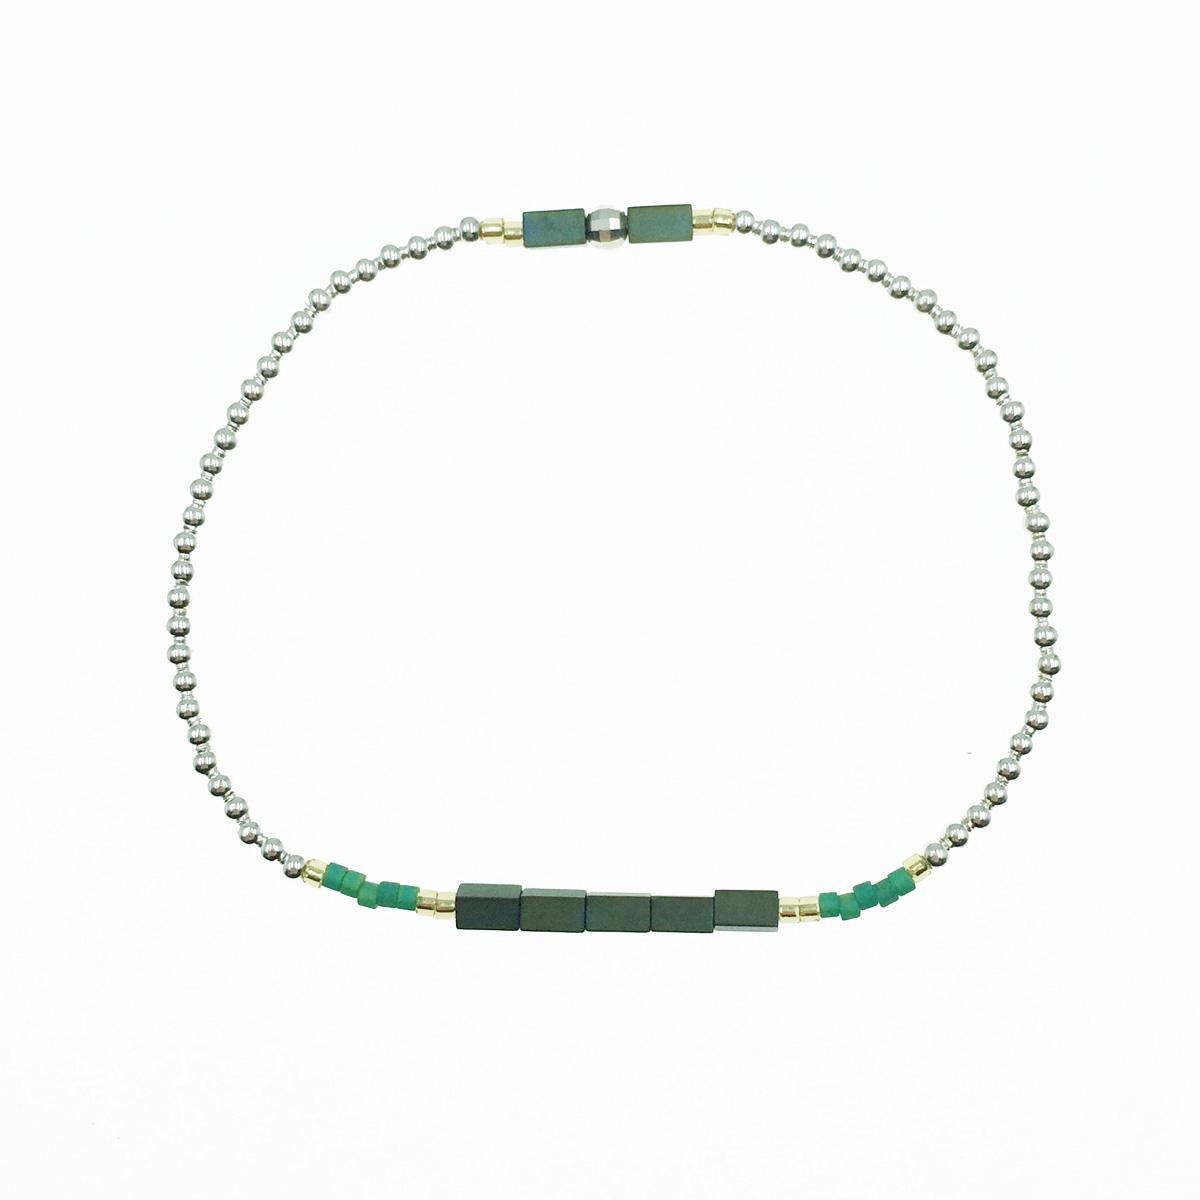 韓國 925純銀 小銀珠 串珠 彈力手環